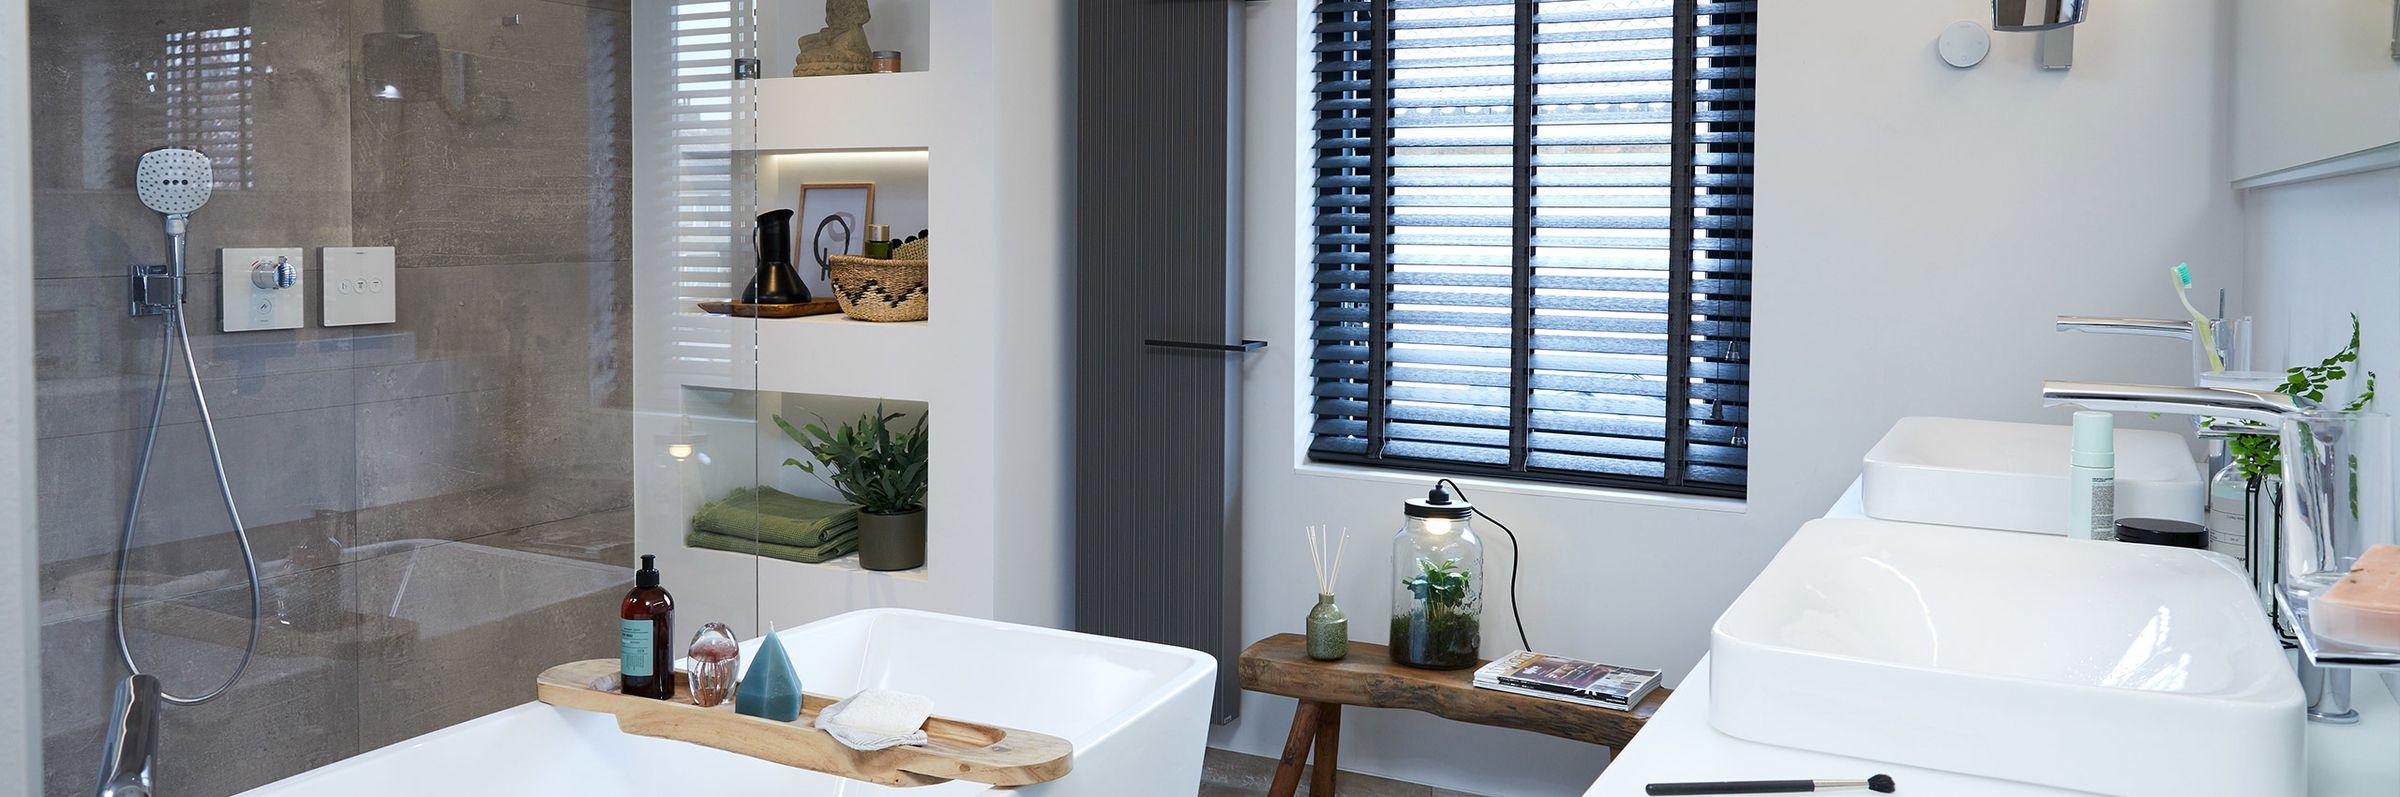 Binnenkijken bij de moderne badkamer van Francis - Binnenkijken bij de moderne badkamer van Francis